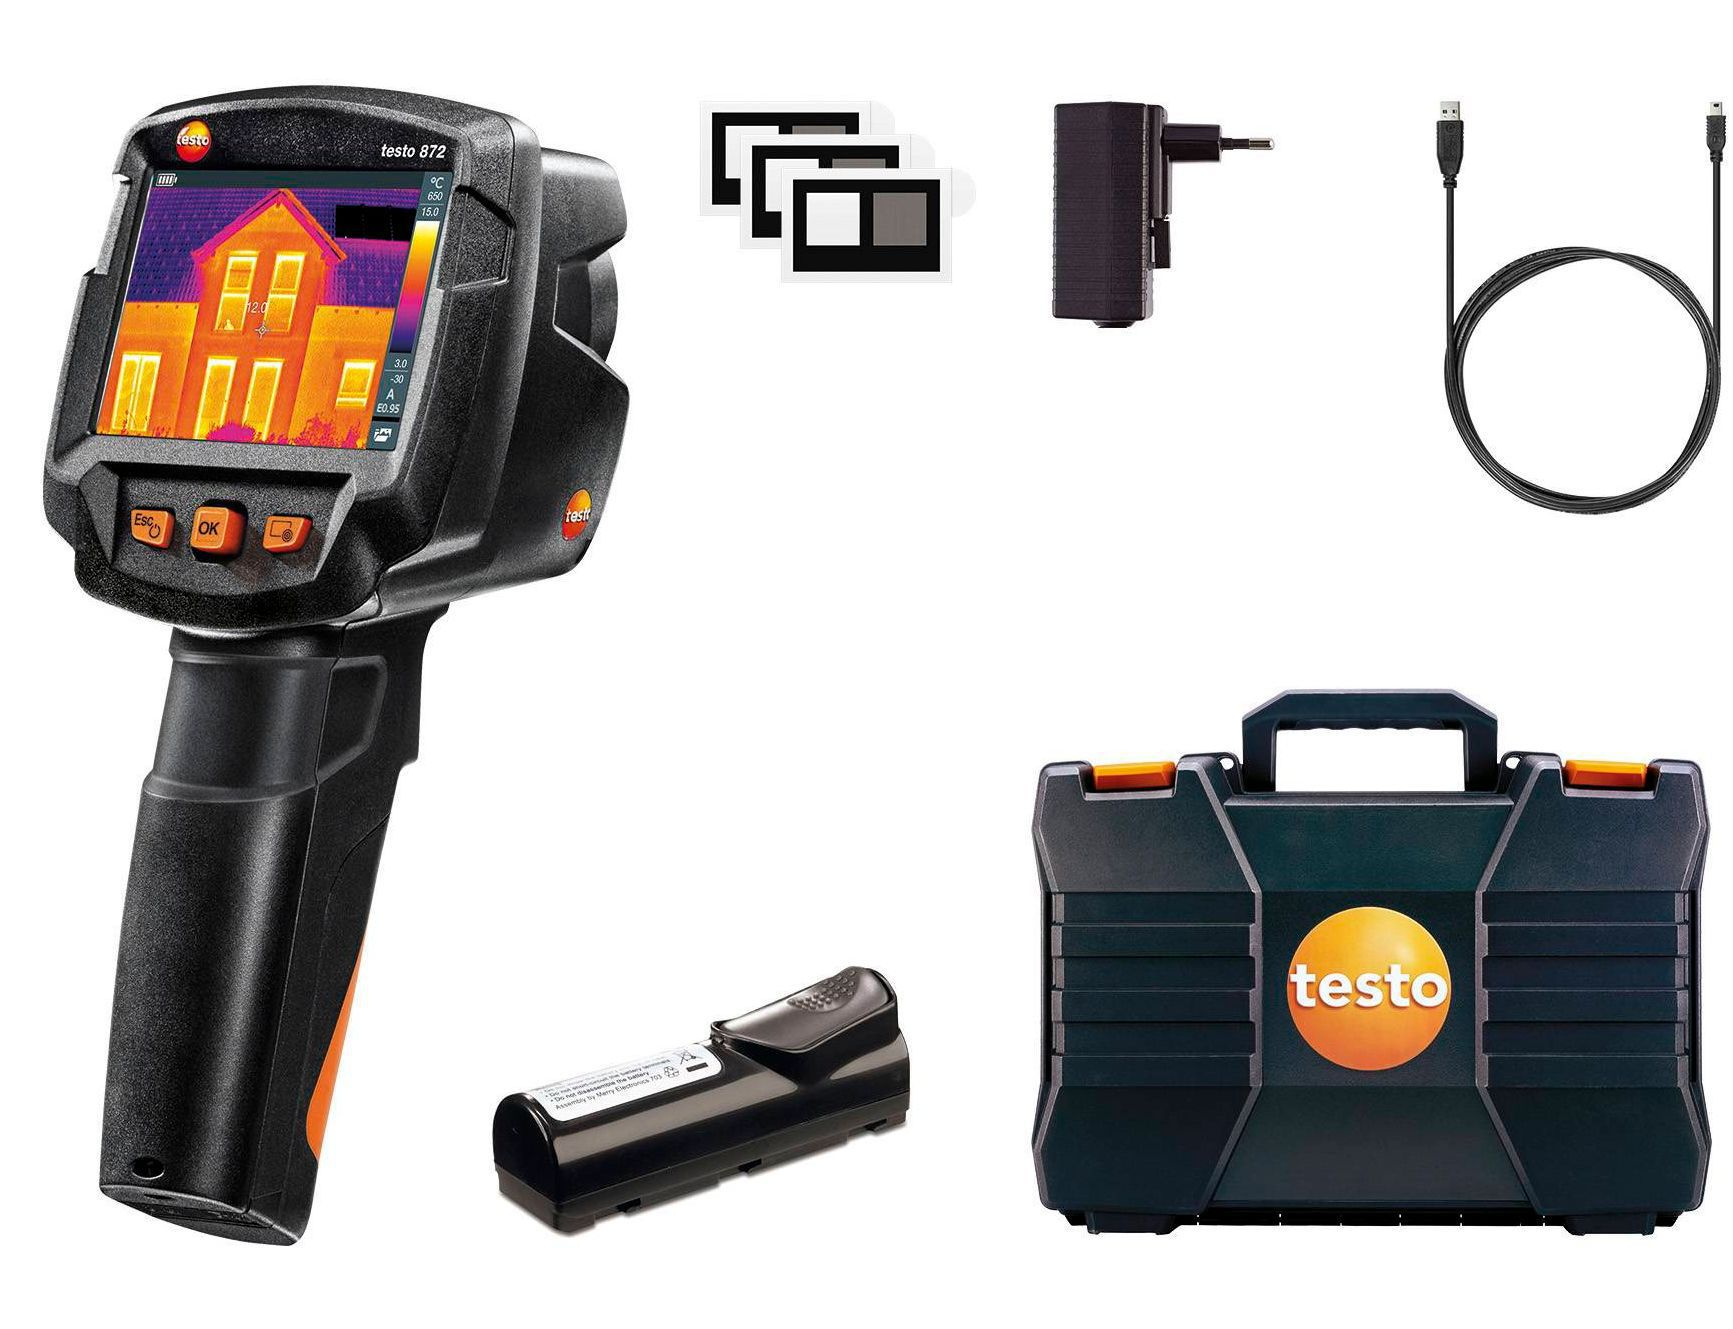 872 - Termovisor de -30º a + 650°C com câmera digital integrada, Resolução IR de 320 x 240 pixels